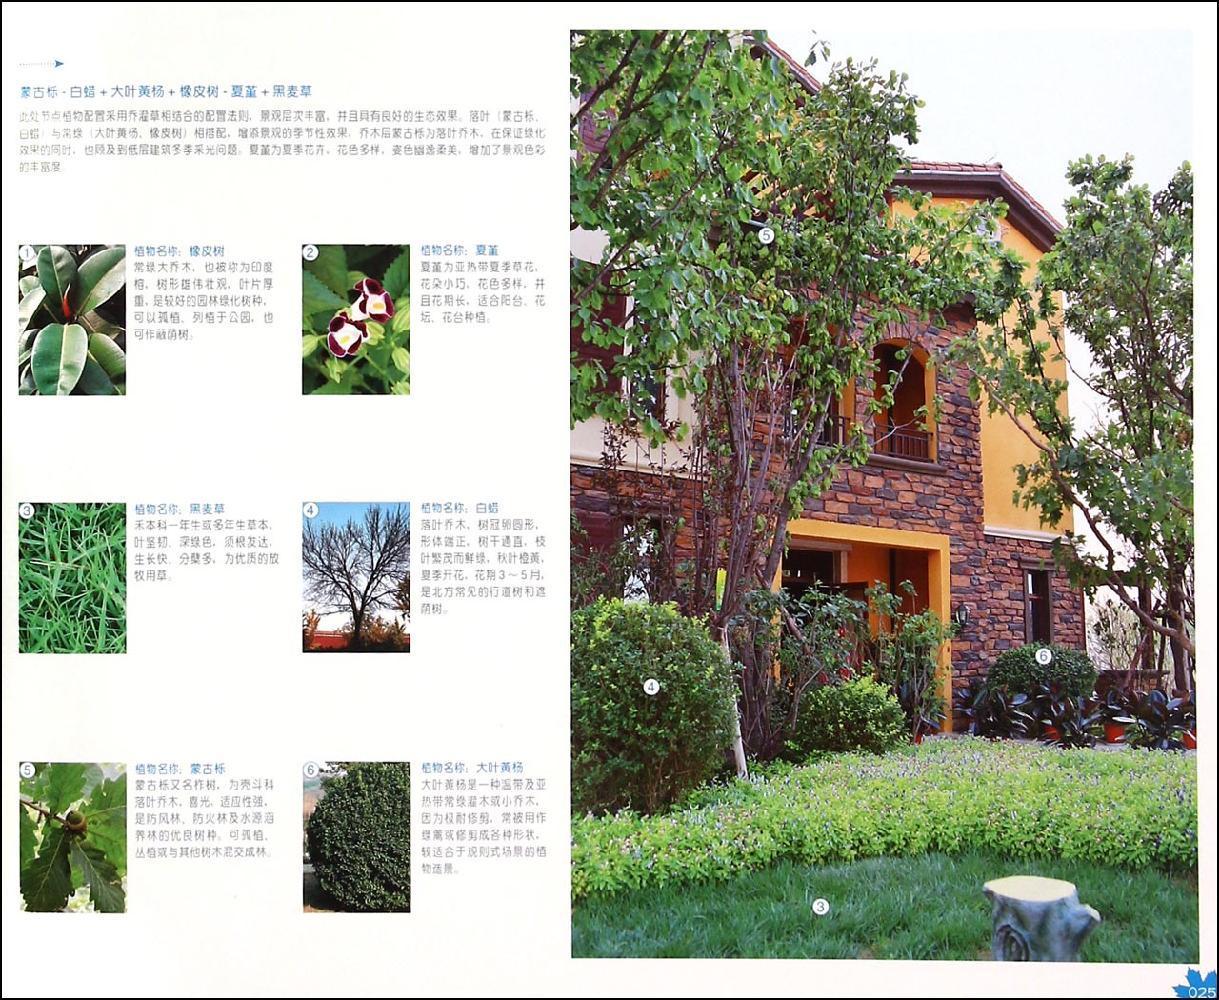 全书以住宅区植物景观设计,市政公园植物景观设计和商业中心植物景观